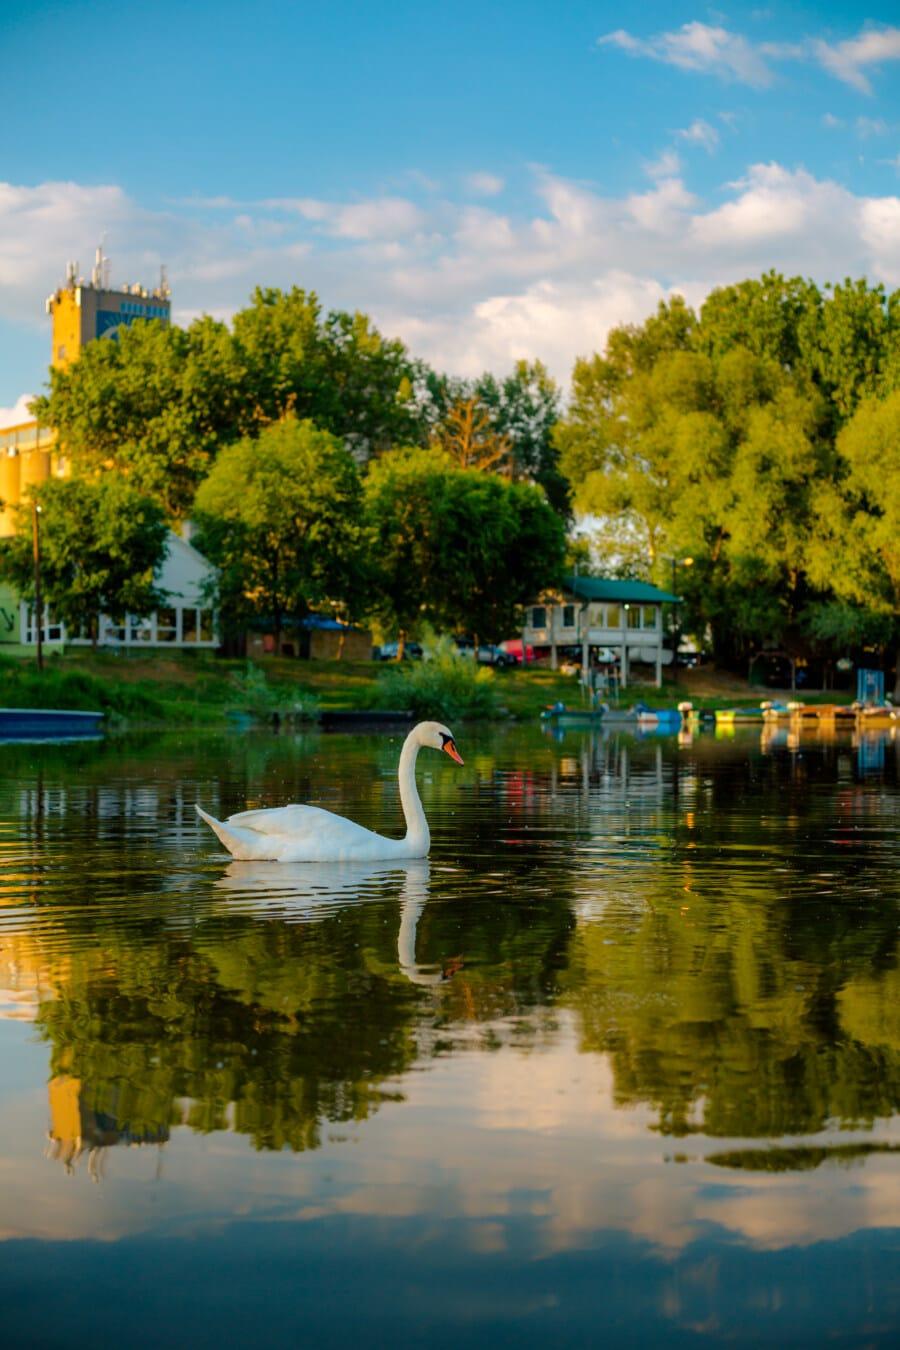 labud, jezero pejzaž, gracioznost, veličanstven, ptica, plivač, voda, odraz, jezero, krajolik